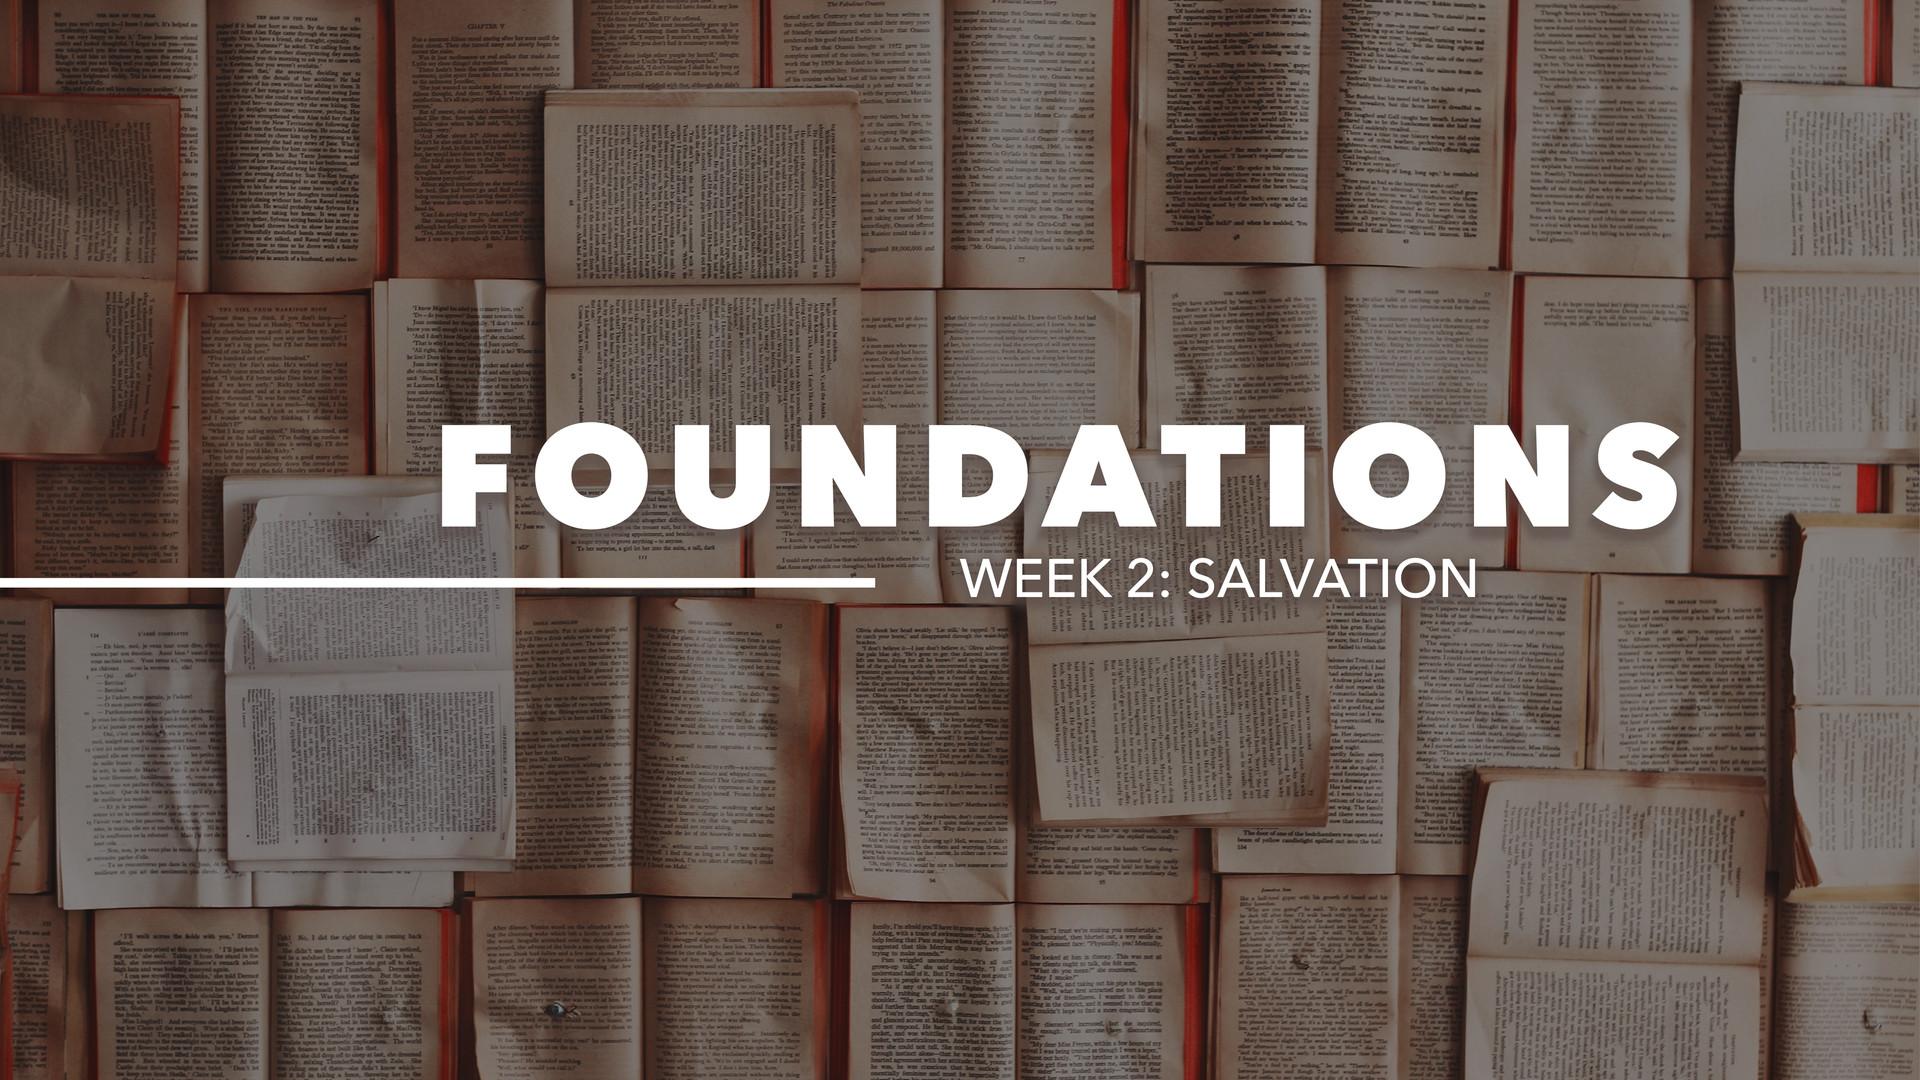 Week 2: Salvation